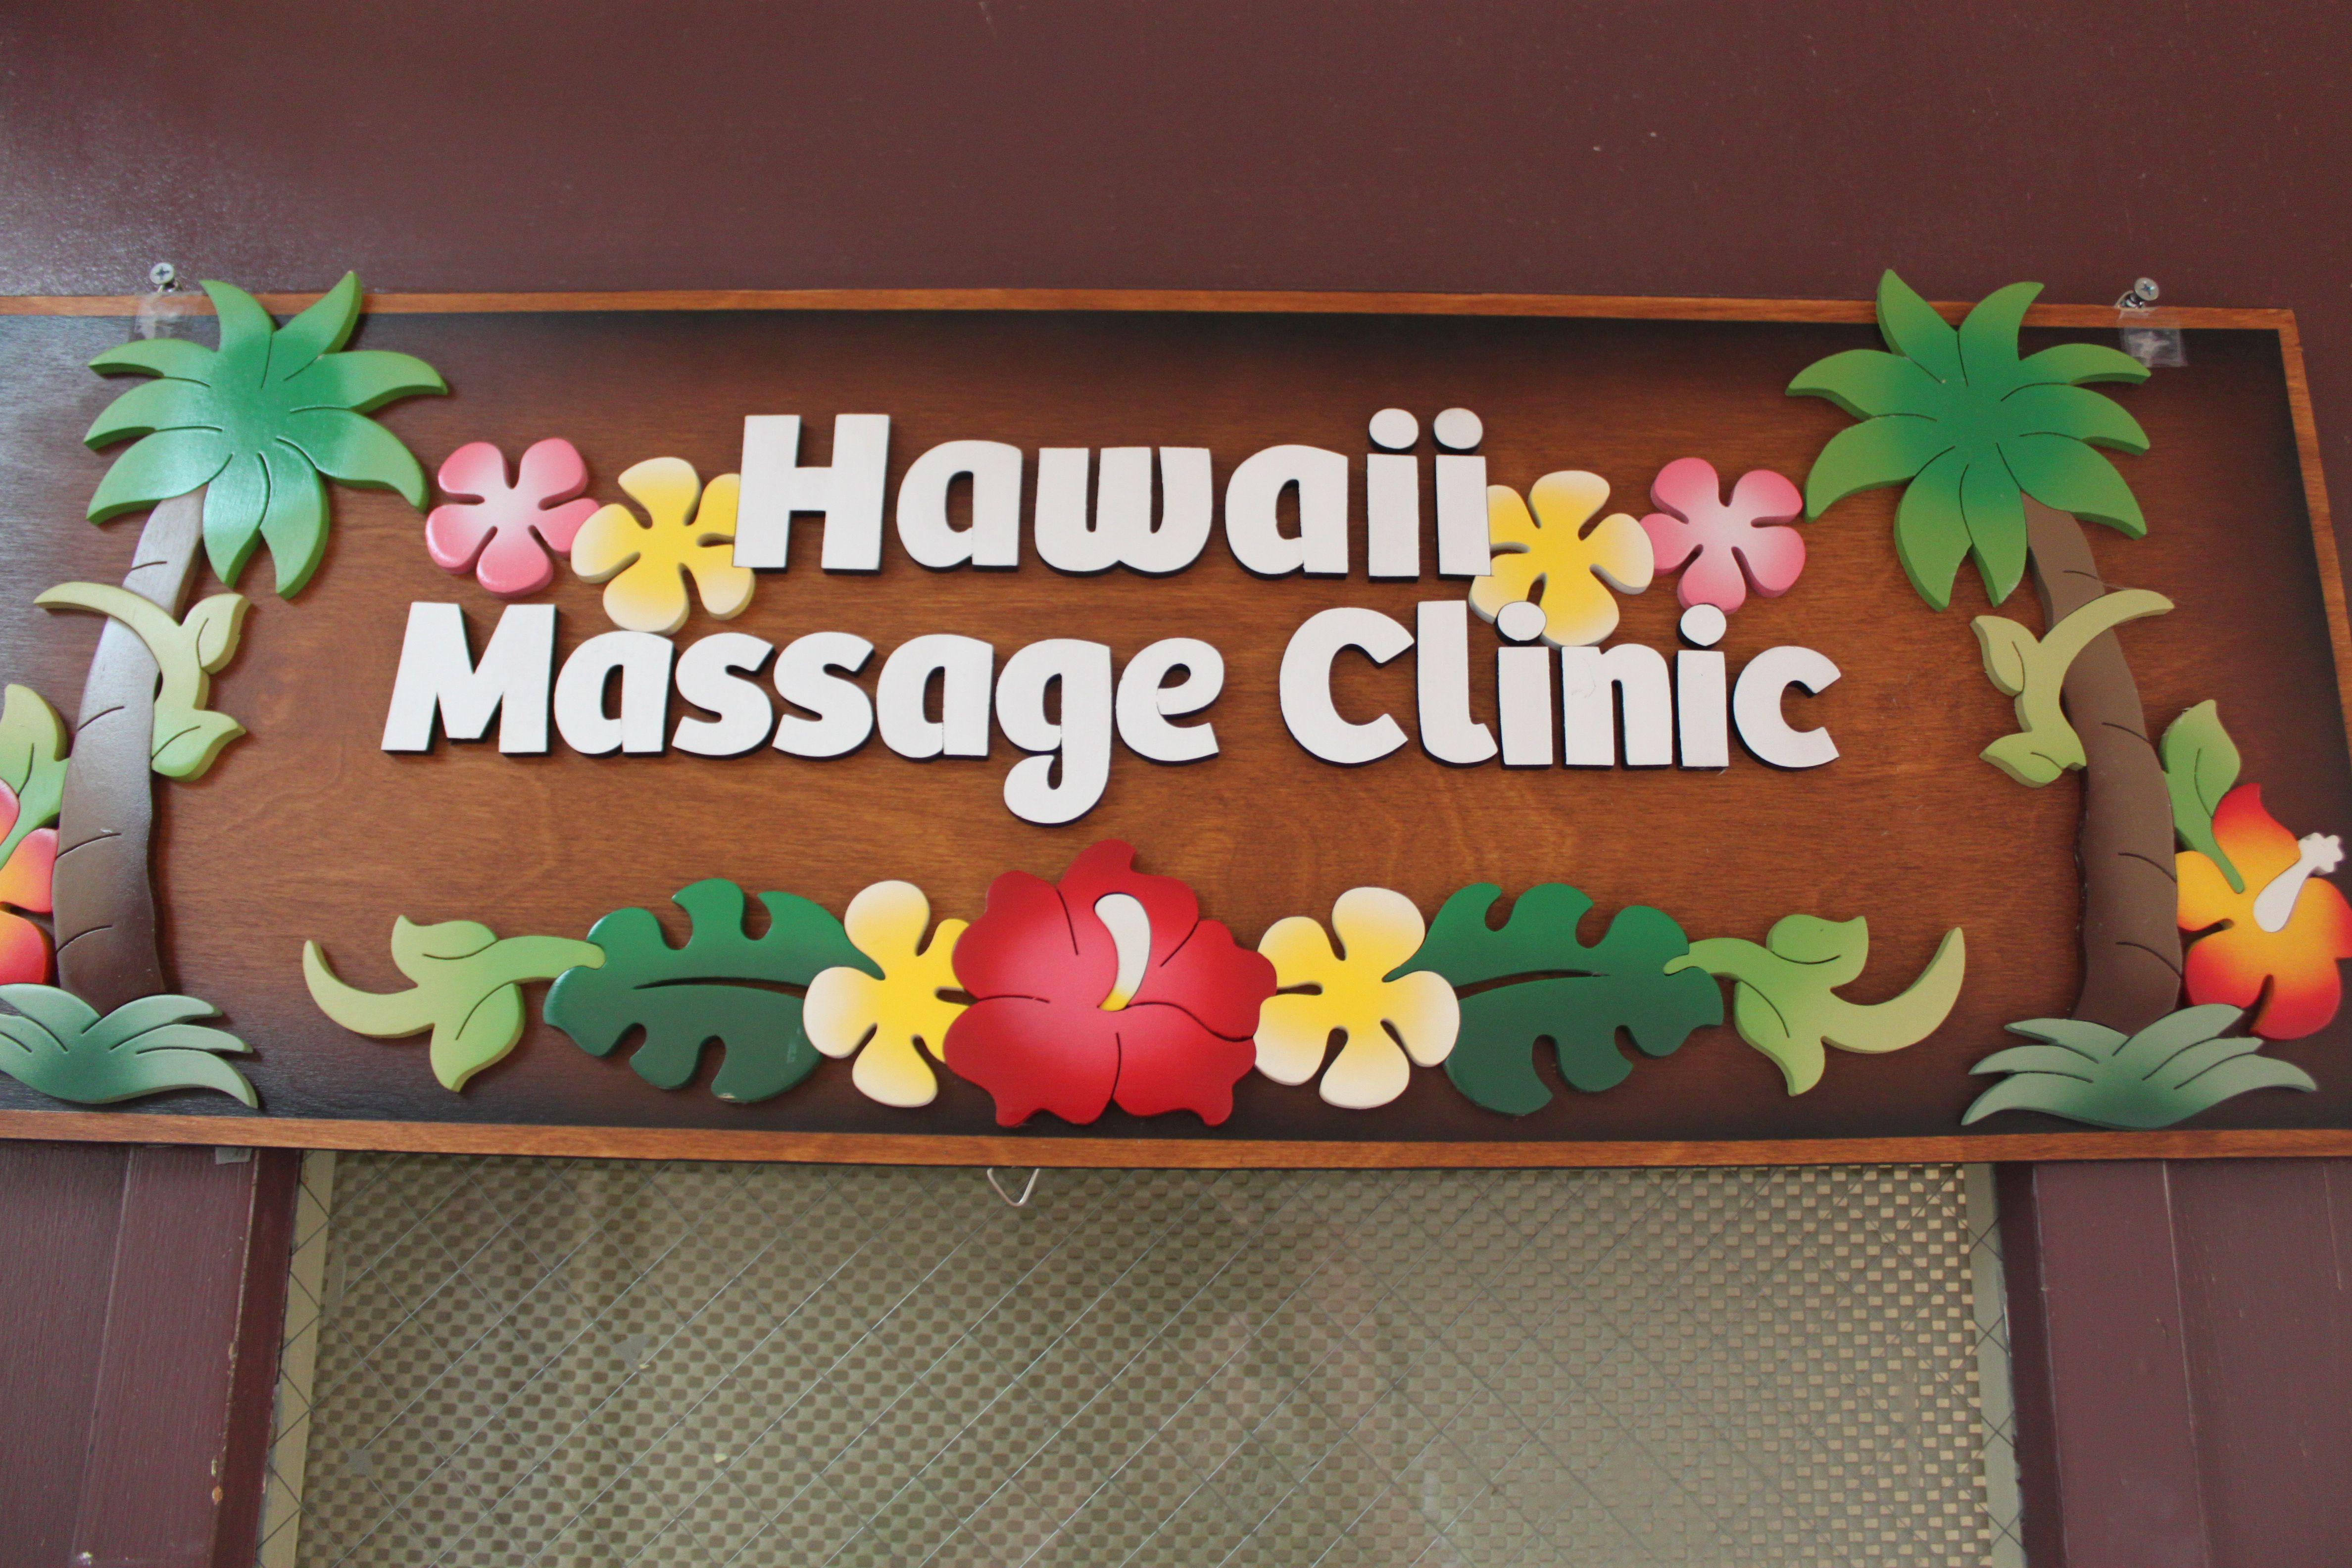 ハワイ・ホノルルおすすめ人気スパで本場ロミロミマッサージ♪リピーターはヒーリングサロンもいかが?